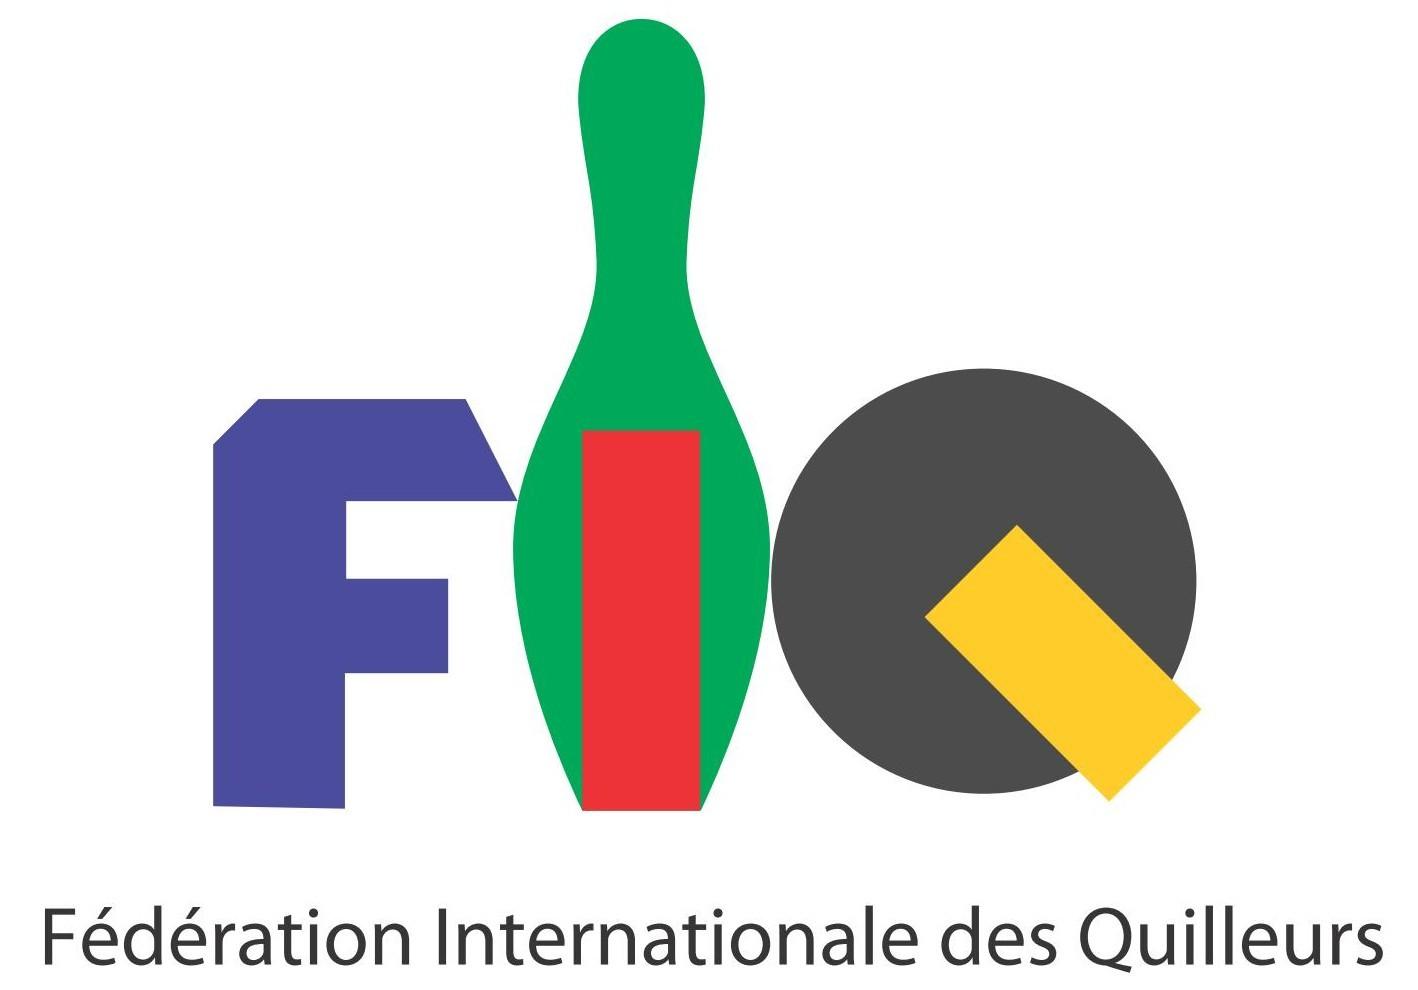 Fédération Internationale des Quilleurs (FIQ) Logo [EPS File] png